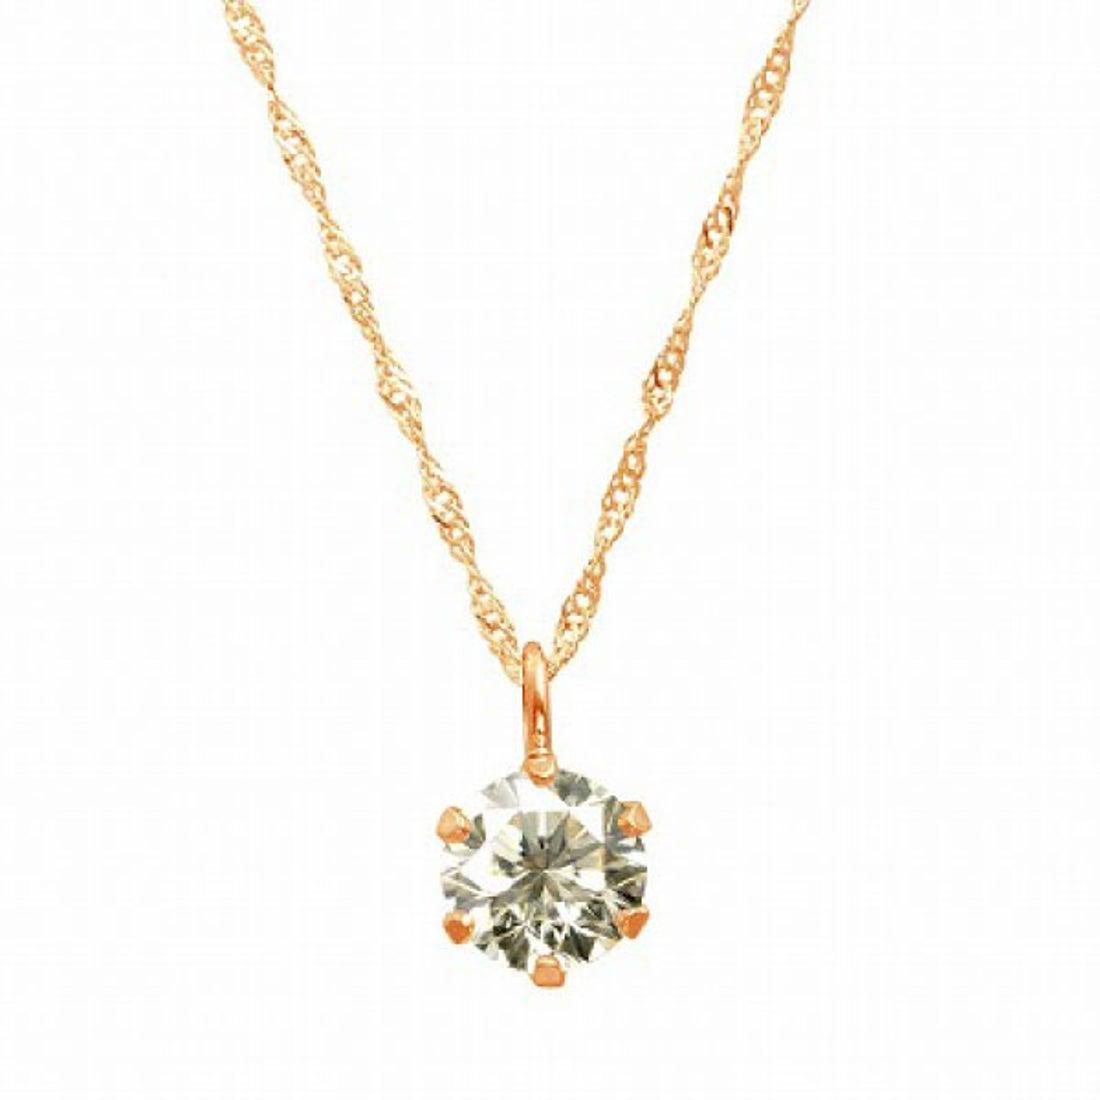 ジュエリーコレクション【ネット限定】K18ゴールド 天然ダイヤモンド 0.3ct SIクラス ネックレス 鑑定書付 【K18PG スクリュー42cm】【返品不可商品】